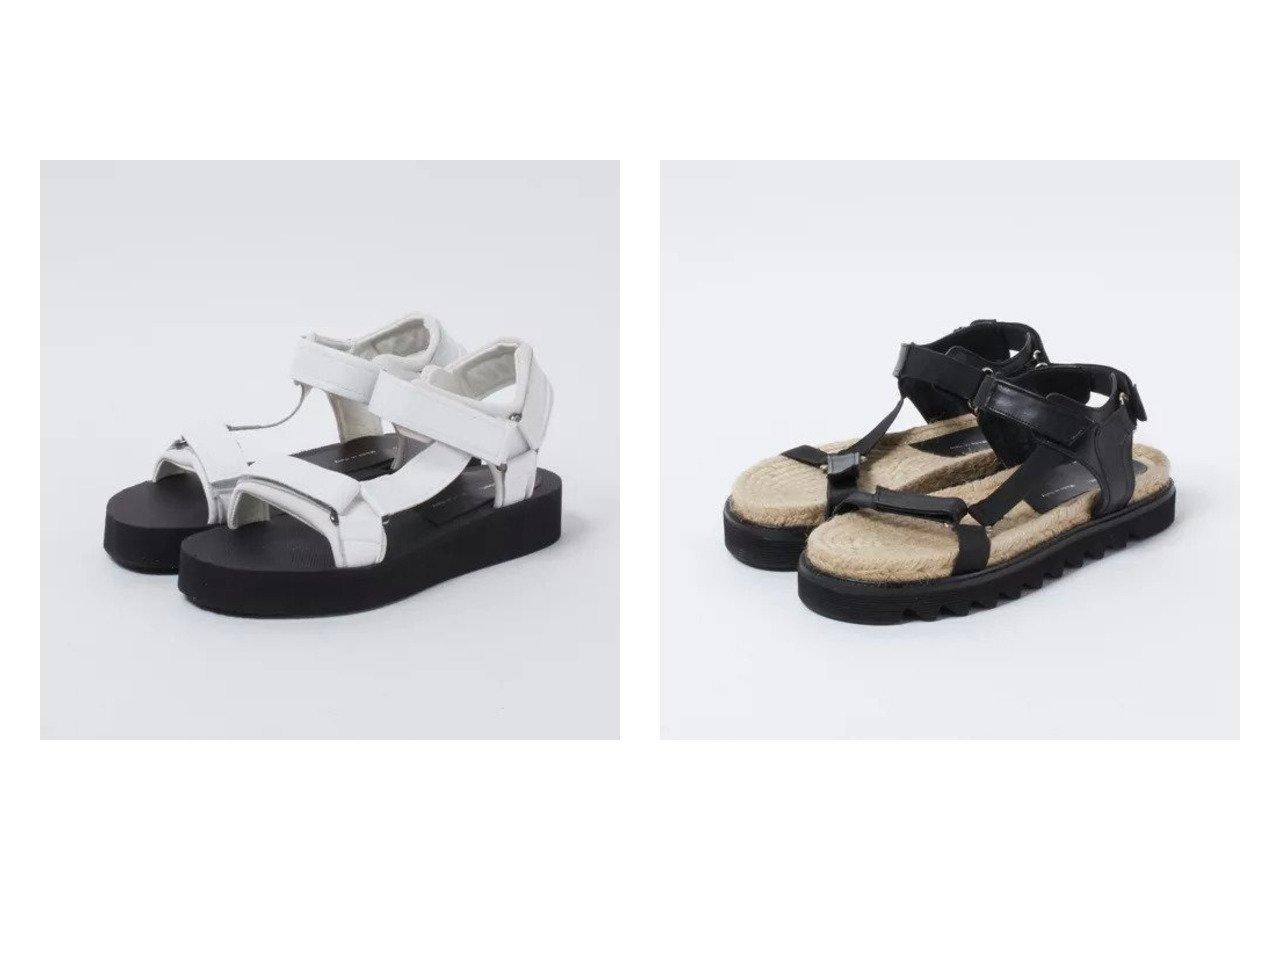 【LIVIANA CONTI/リビアナコンティ】のフラットサンダル&ジュートソールフラットサンダル 【シューズ・靴】おすすめ!人気、トレンド・レディースファッションの通販 おすすめで人気の流行・トレンド、ファッションの通販商品 メンズファッション・キッズファッション・インテリア・家具・レディースファッション・服の通販 founy(ファニー) https://founy.com/ 雑誌掲載アイテム Magazine Items ファッション雑誌 Fashion Magazines エクラ eclat ファッション Fashion レディースファッション WOMEN 5月号 サンダル シューズ ドレス フラット 雑誌 |ID:crp329100000035475